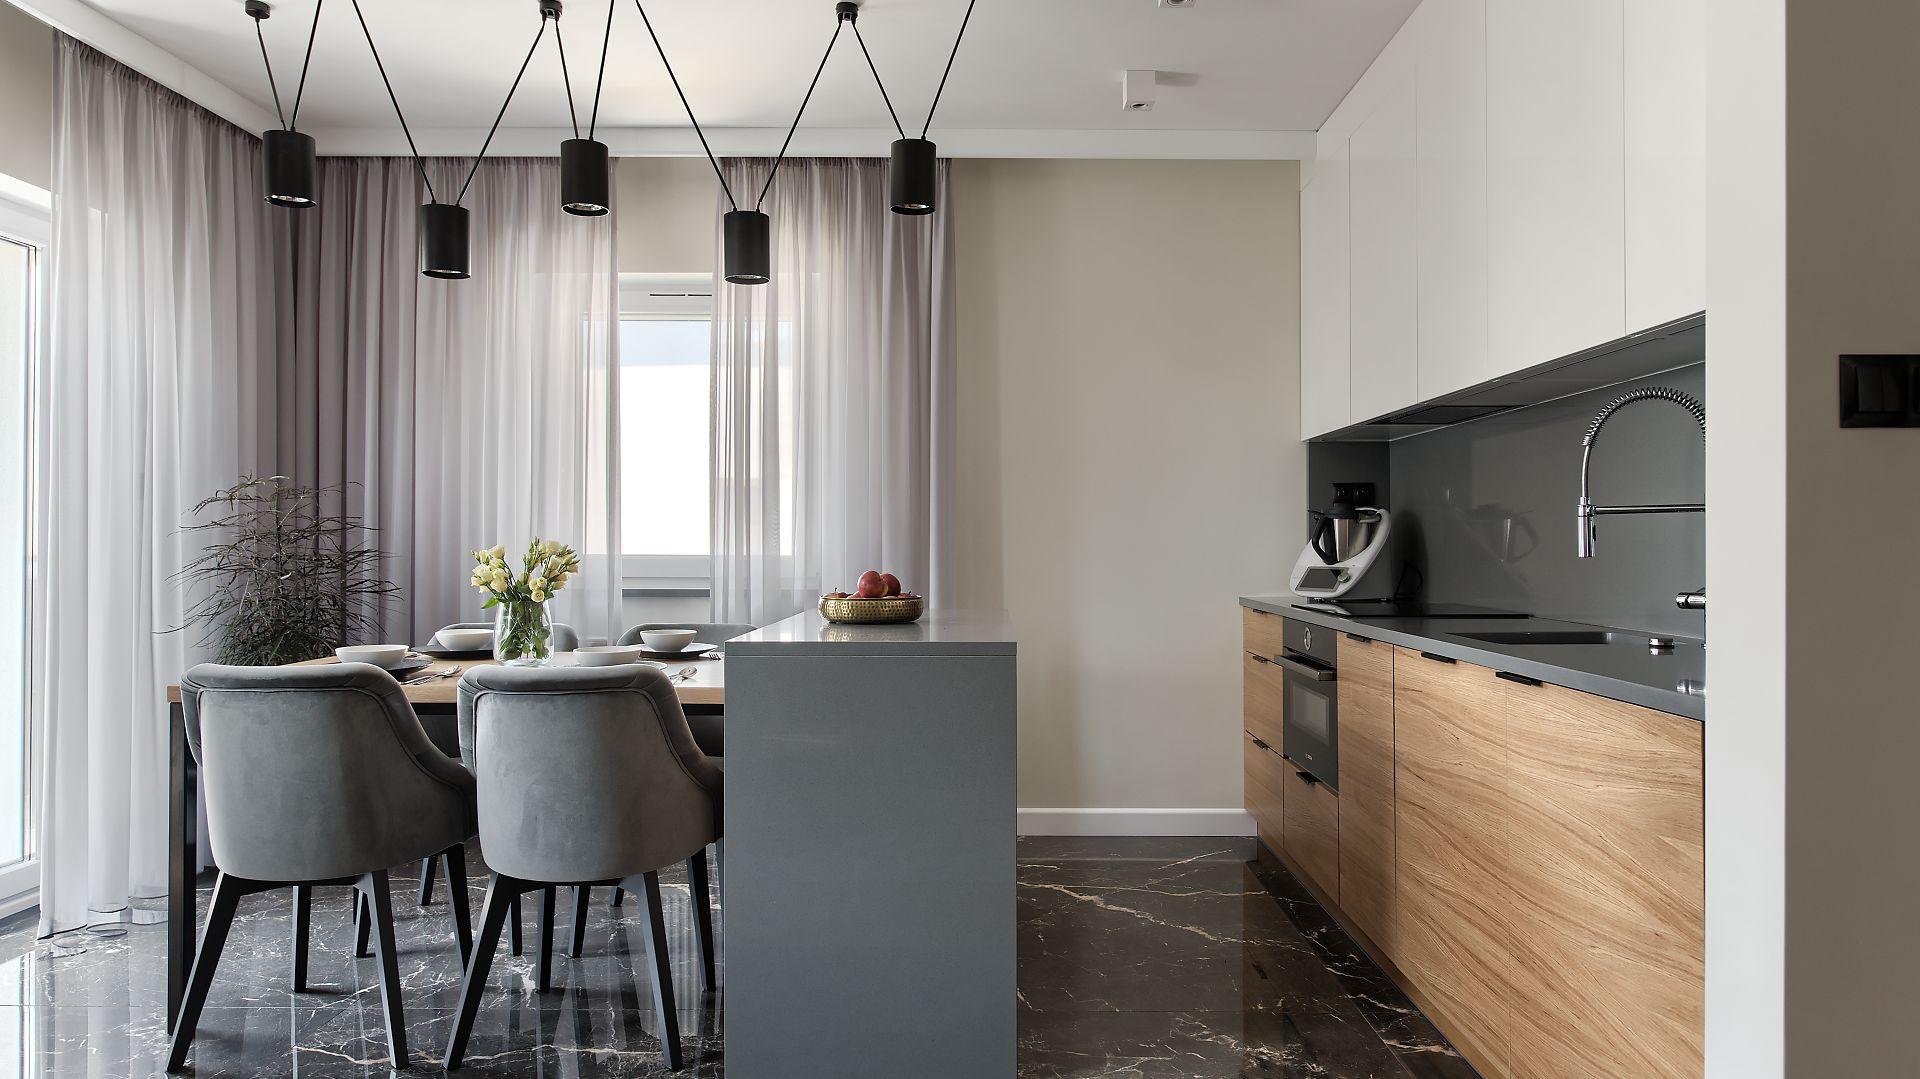 W kuchni znajduje się wyspa, przy której ustawiono stół i krzesła, pełniące rolę wygodnej jadalni. Projekt: pracownia M-Studio. Fot. Radek Słowik